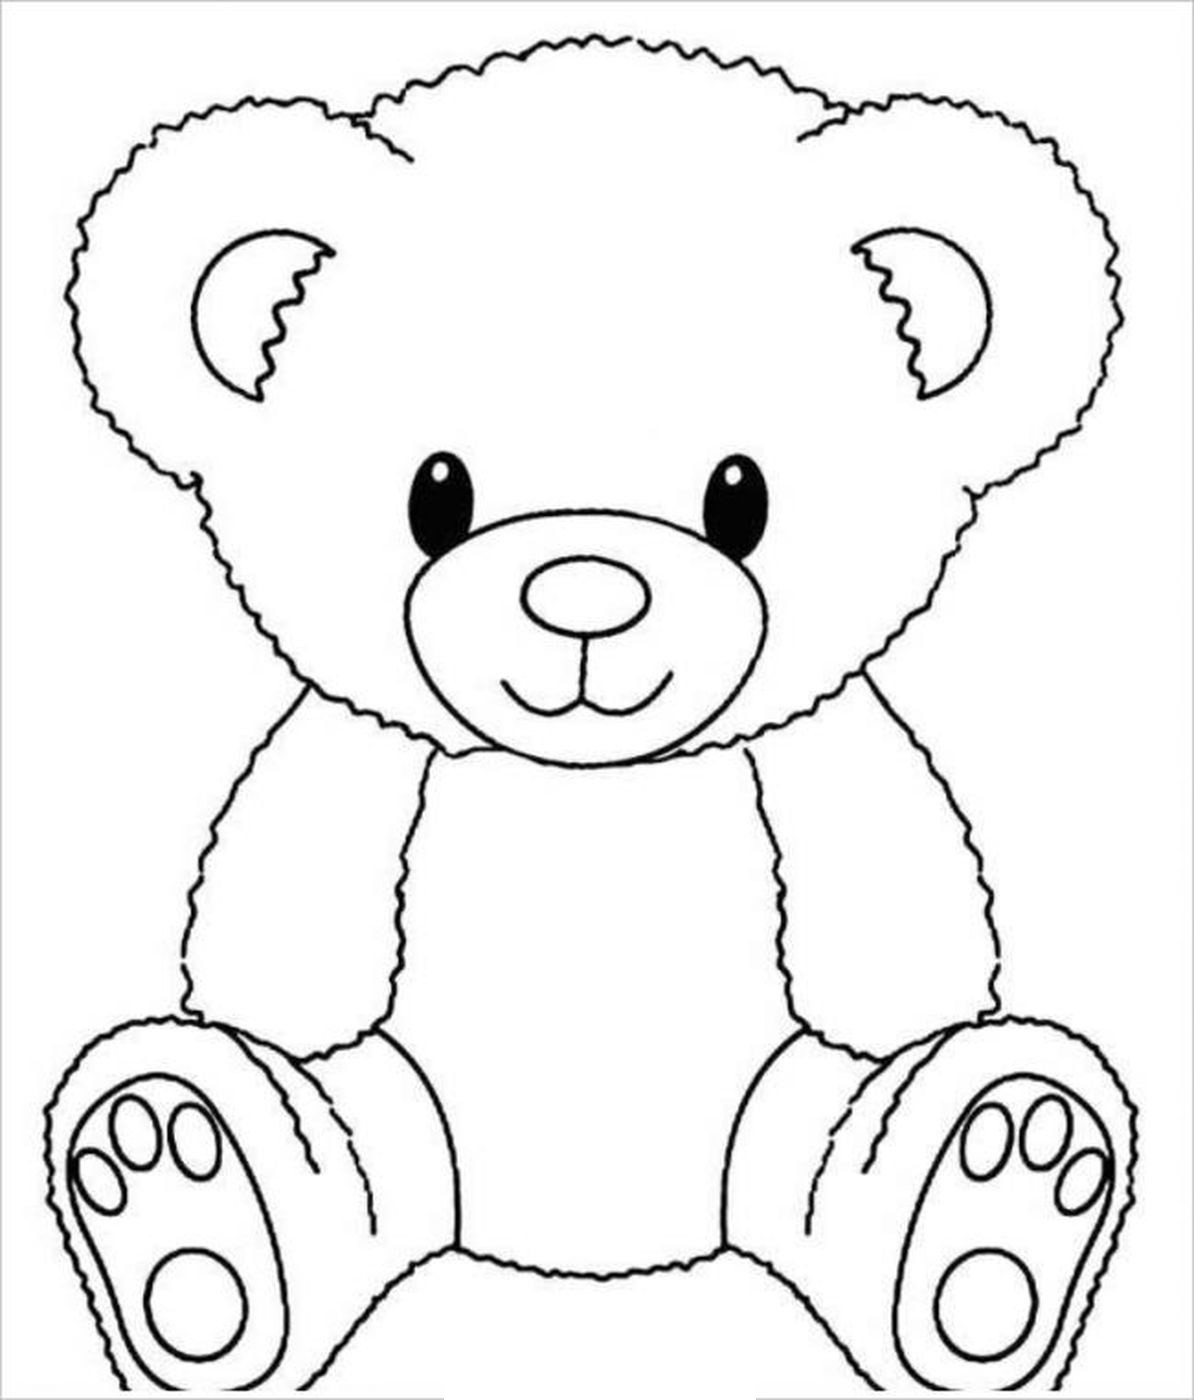 Hướng dẫn chọn tranh tô màu theo chủ đề? +100 hình tô màu cho bé